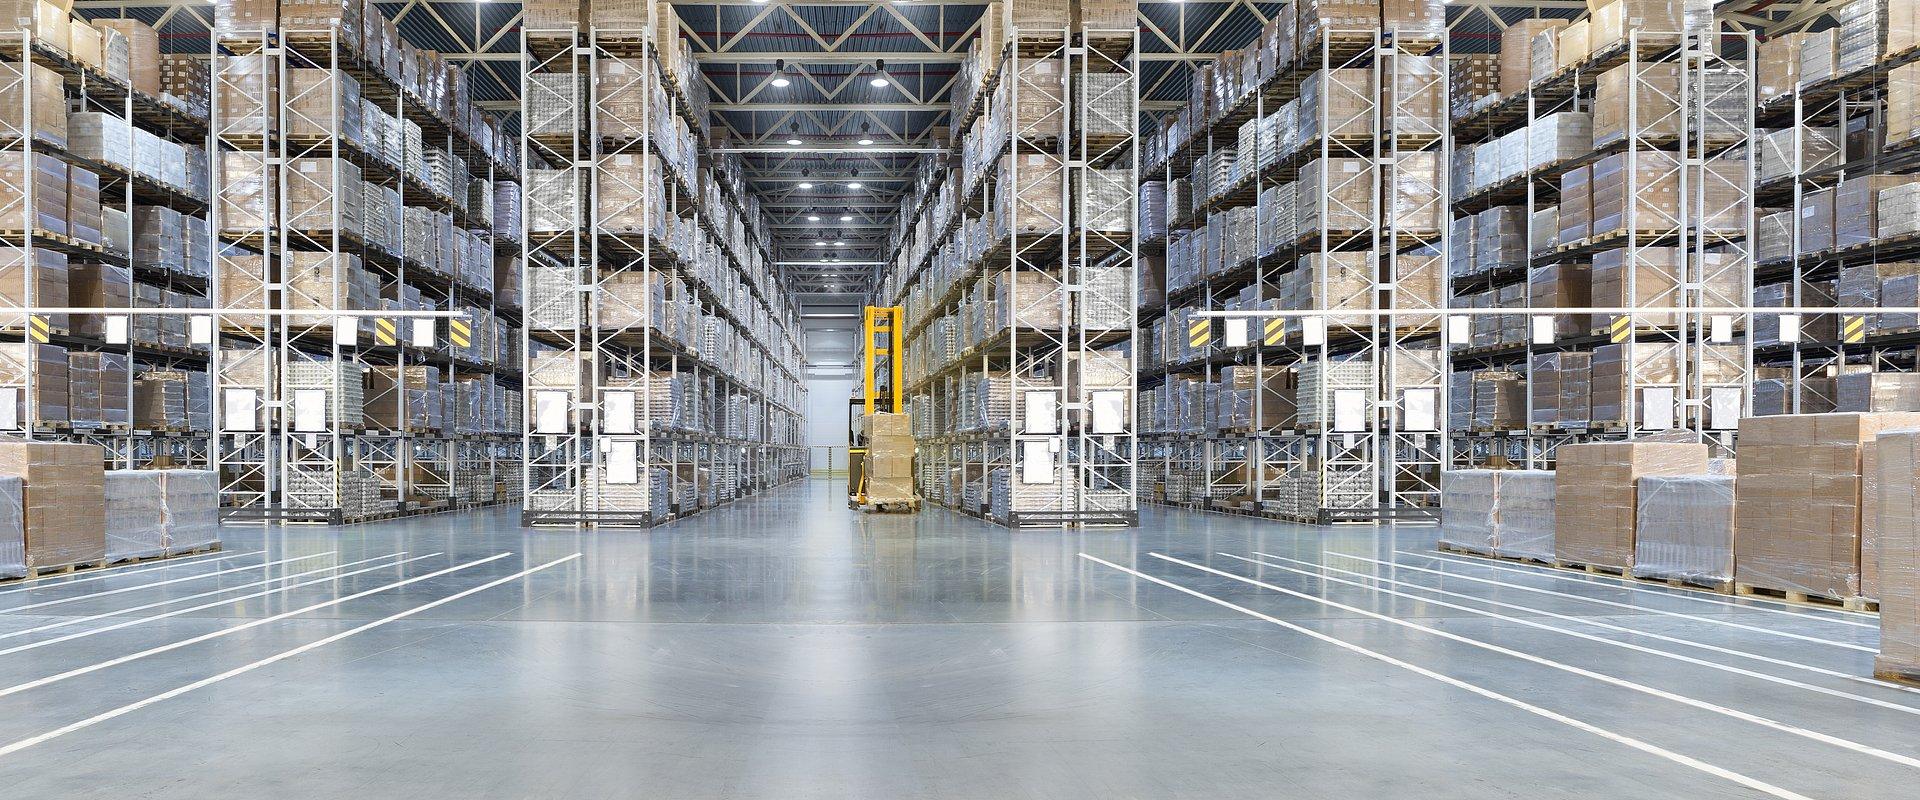 Rośnie dział Industrial & Logistics w BNP Paribas Real Estate Poland